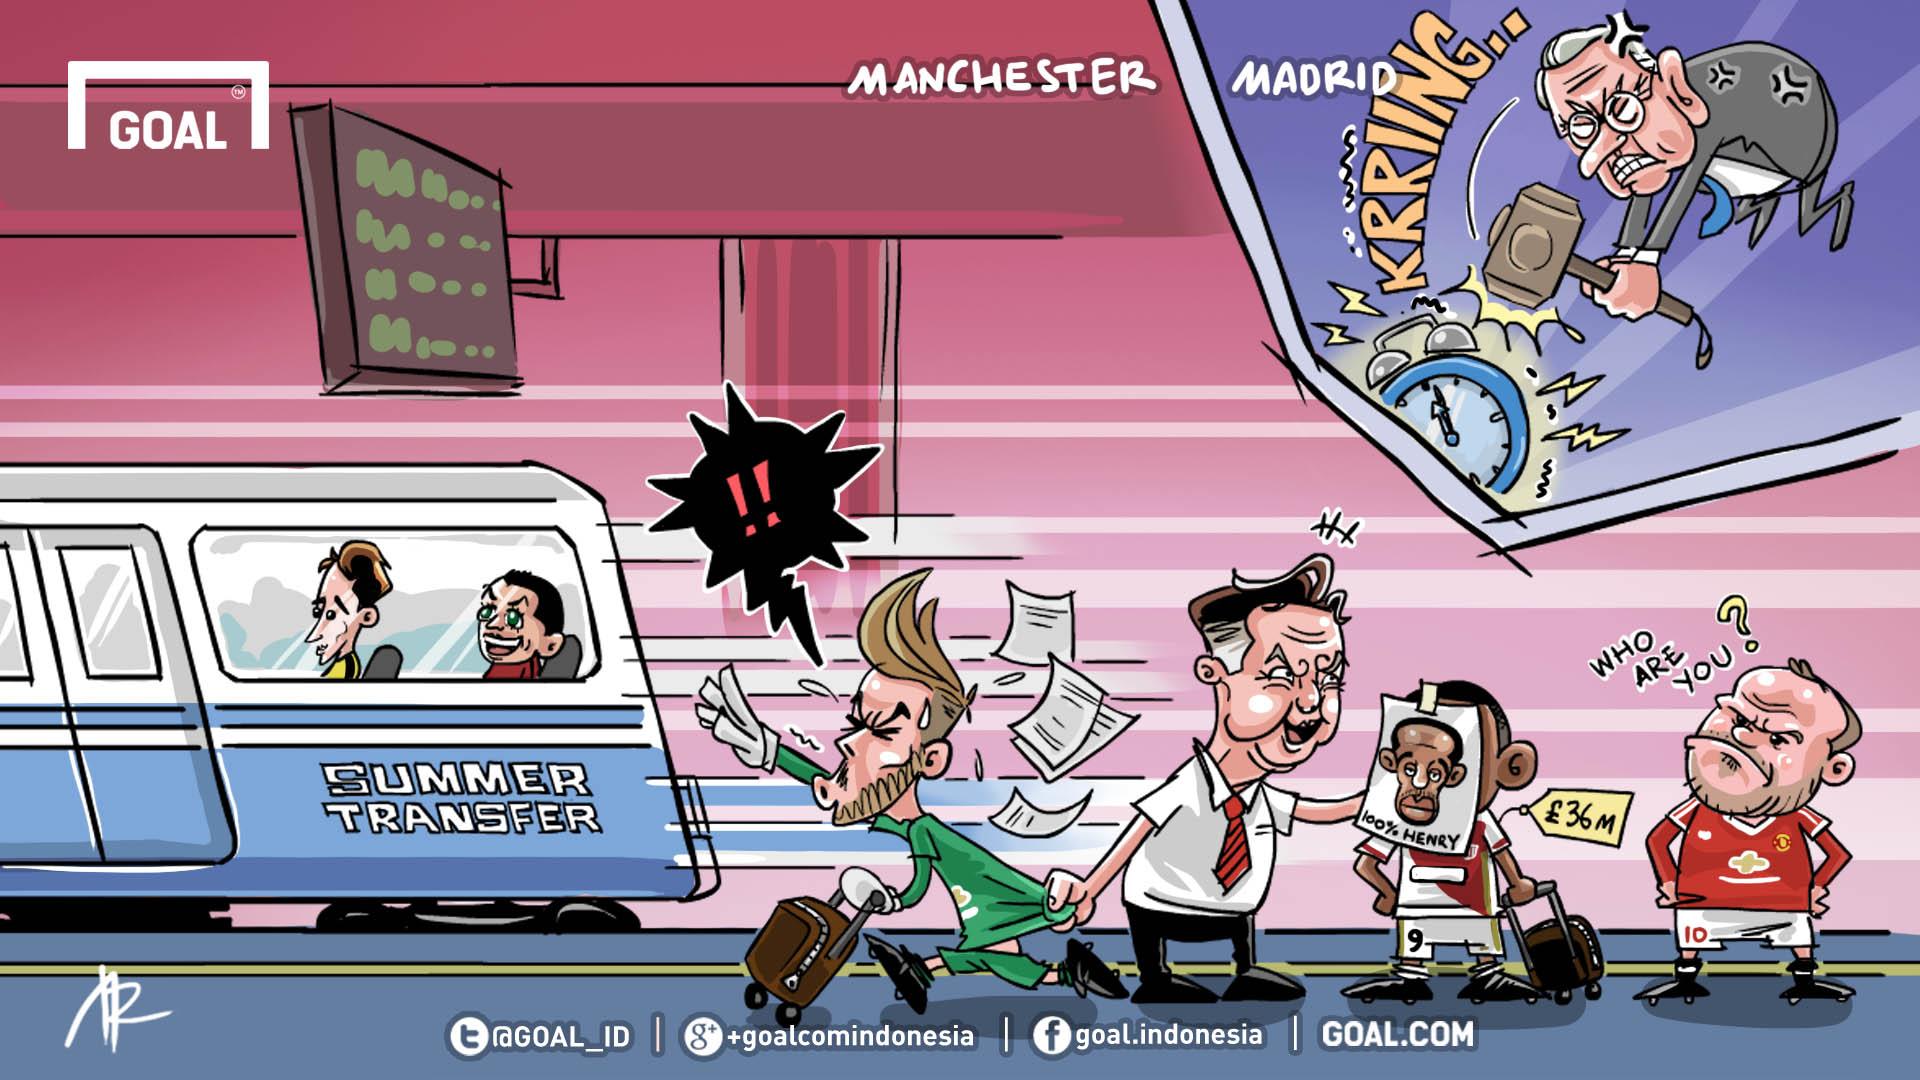 Антони Марсьяль, Давид Де Хеа, Уэйн Руни, Байер, Боруссия Дортмунд, Реал Мадрид, Луи ван Гал, Аднан Янузай, Манчестер Юнайтед, трансферы